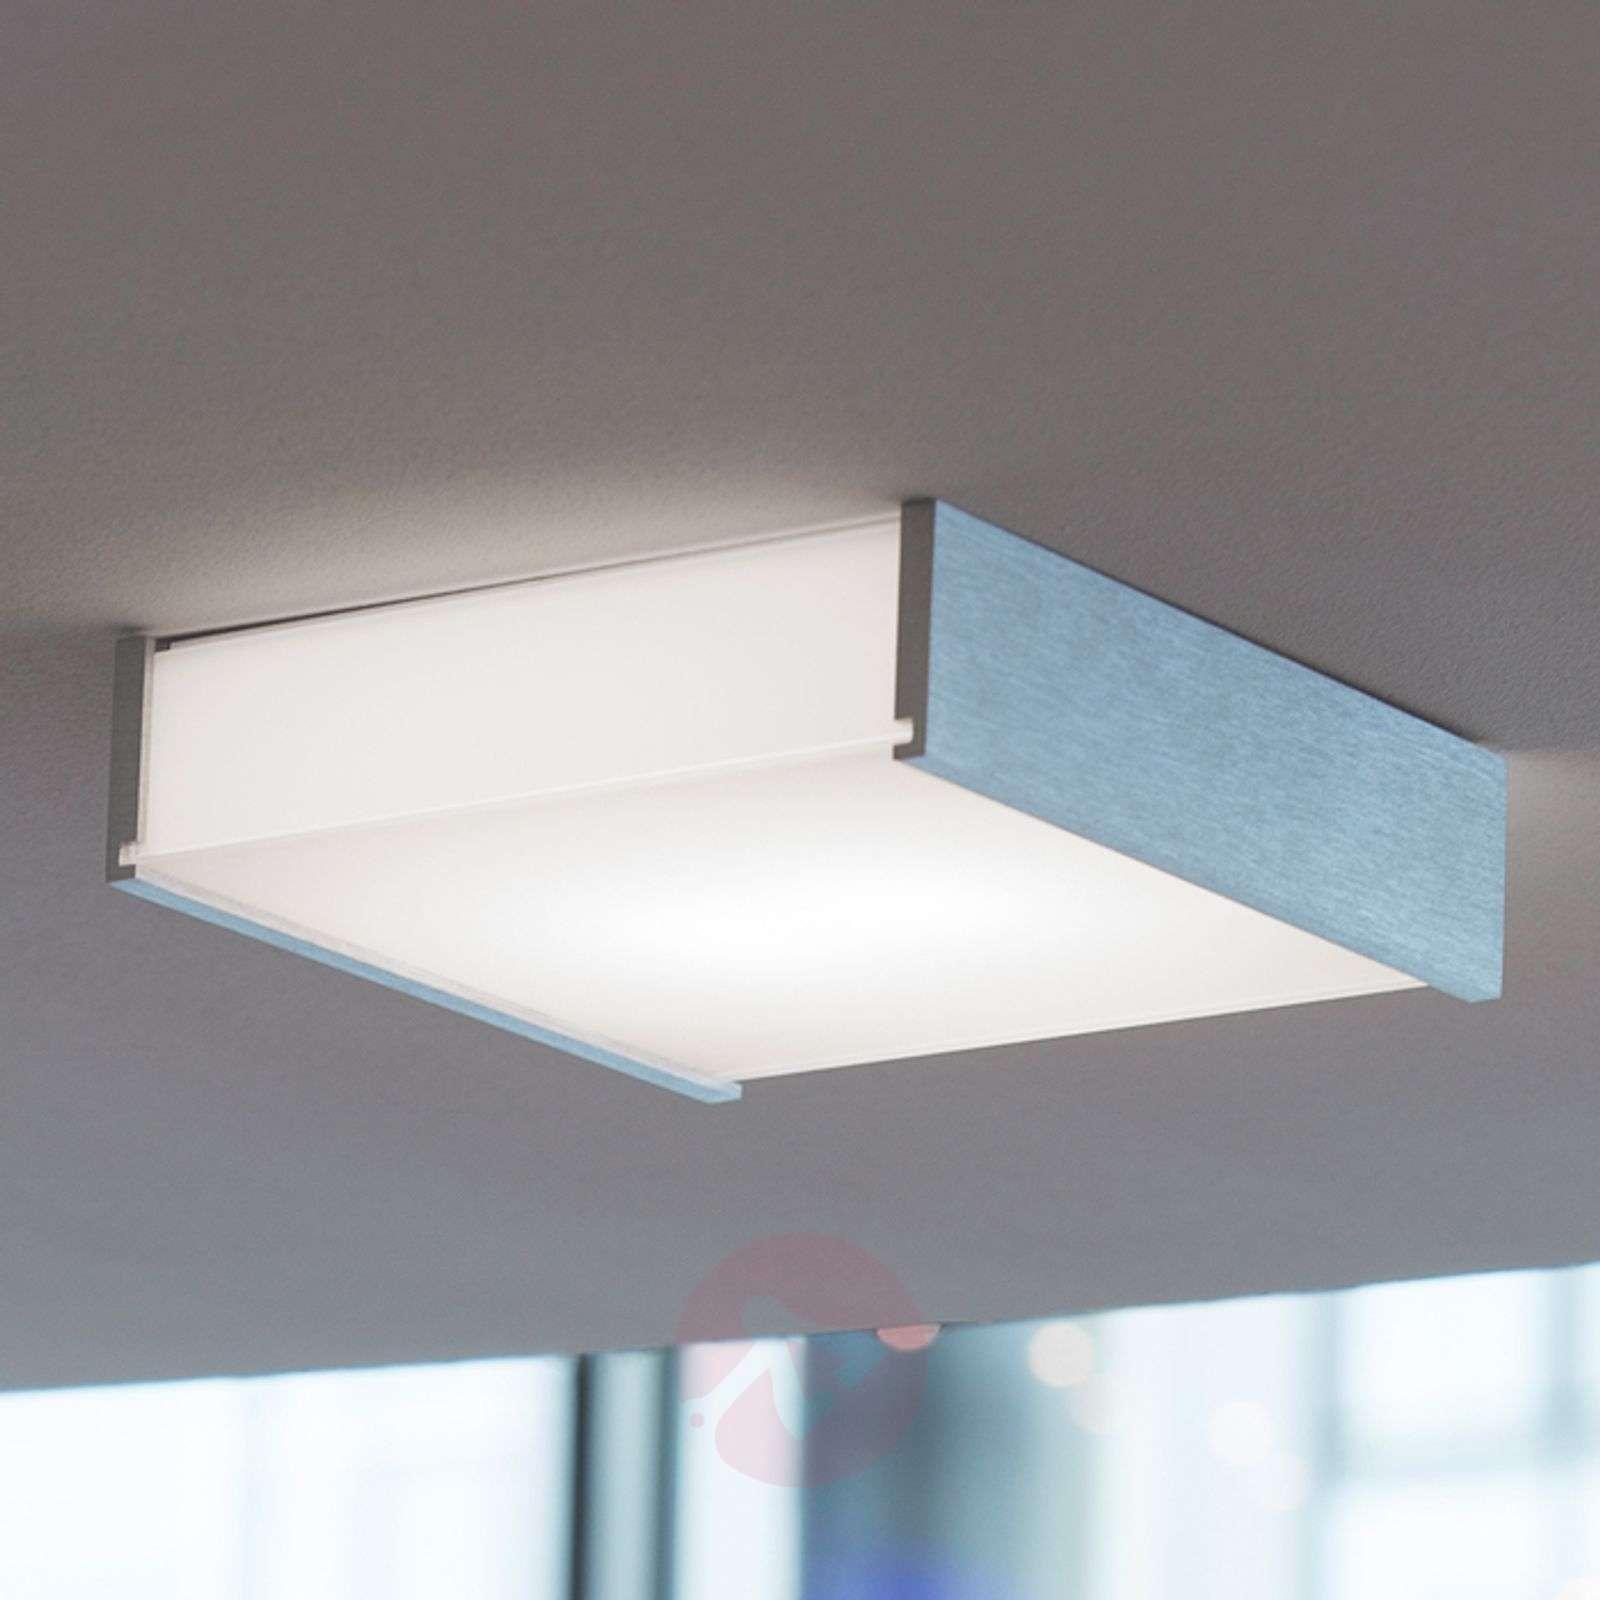 modern ceiling light box led 20 cm. Black Bedroom Furniture Sets. Home Design Ideas